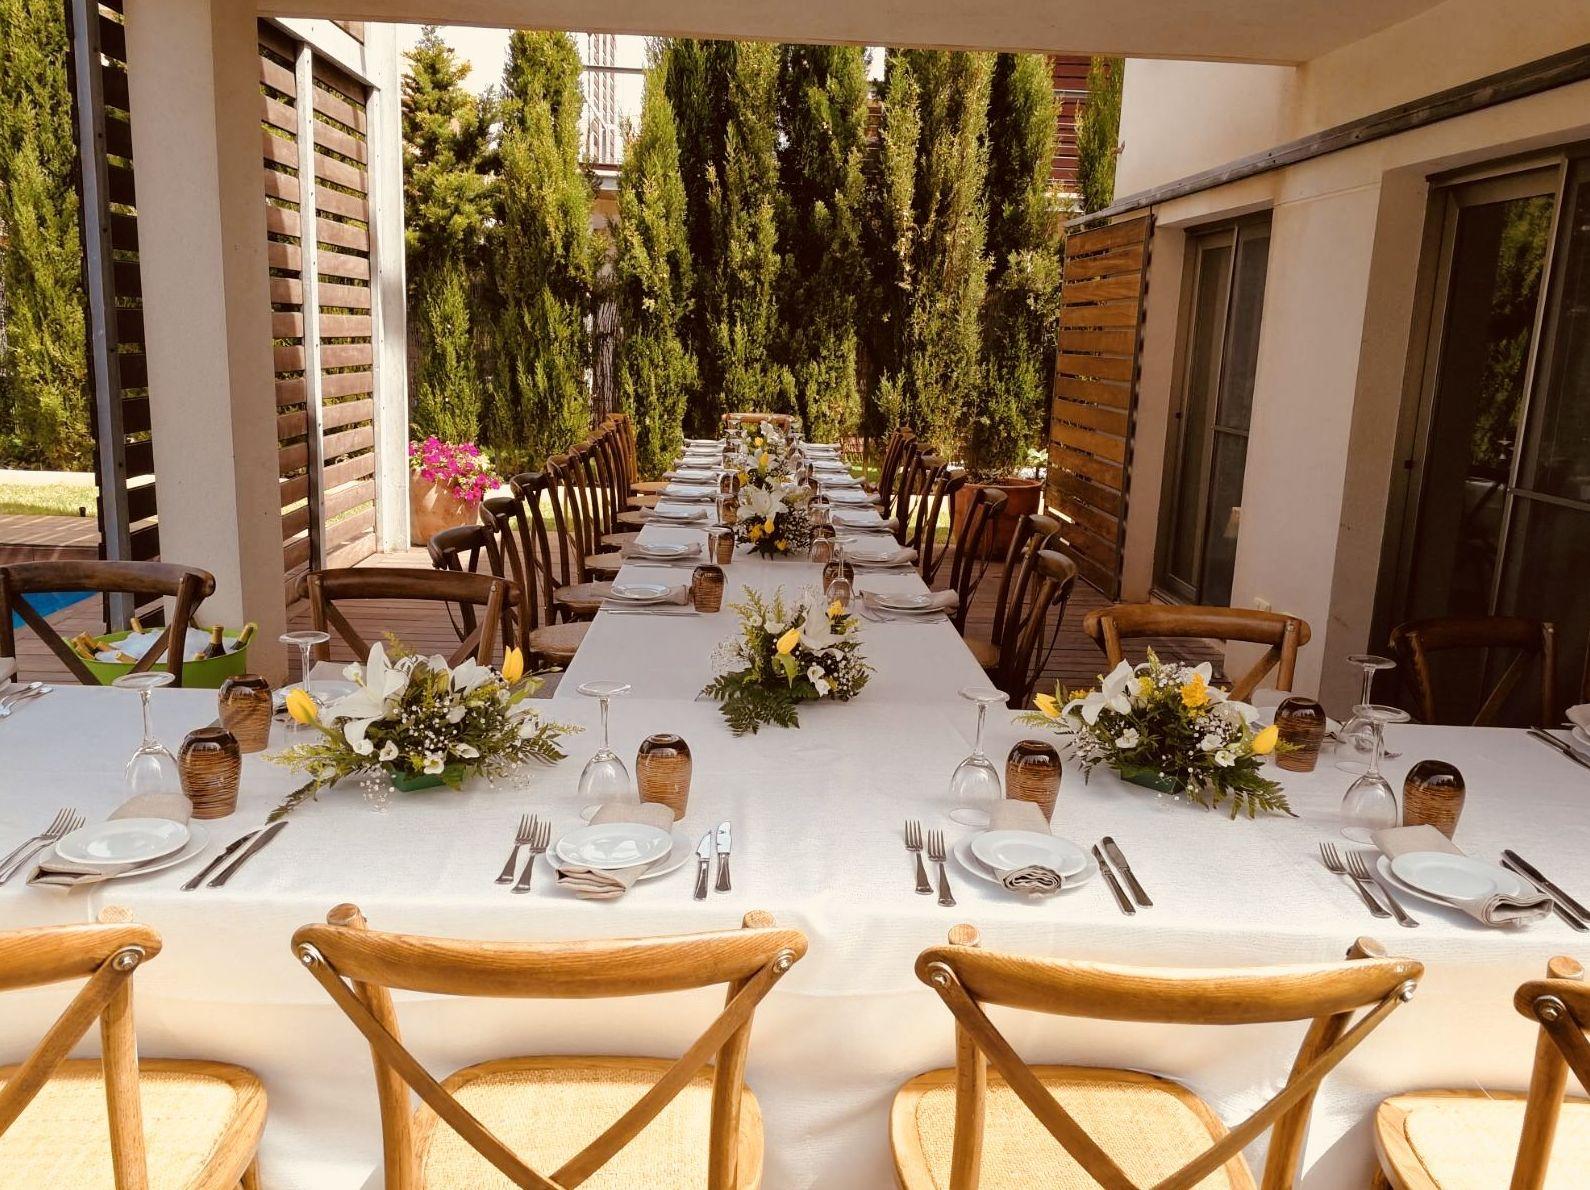 Foto 9 de Alquiler de sillas, mesas y menaje en El Palmar | Mantelería & Menaje